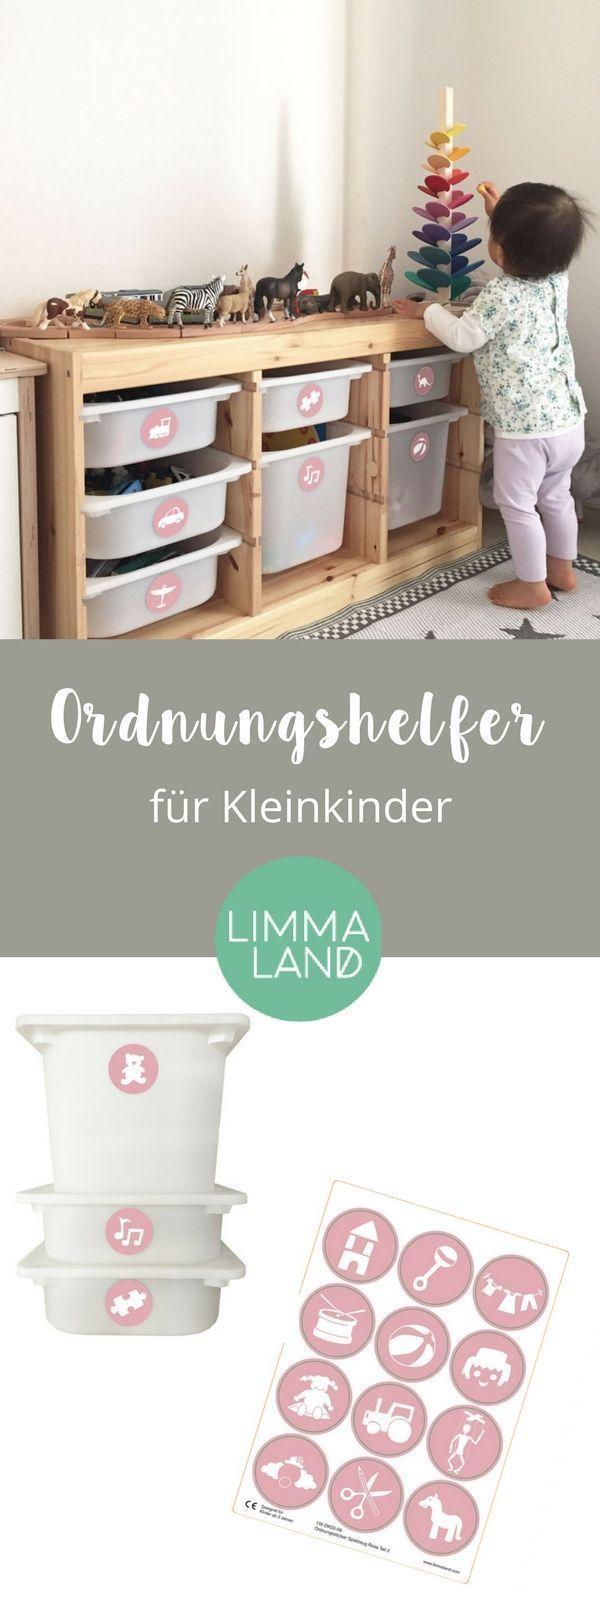 Möbelaufkleber Spielzeug: Ordnung halten mit Kindern - Symbol Weiß / Hintergrund Rosa #ikeakinderzimmer